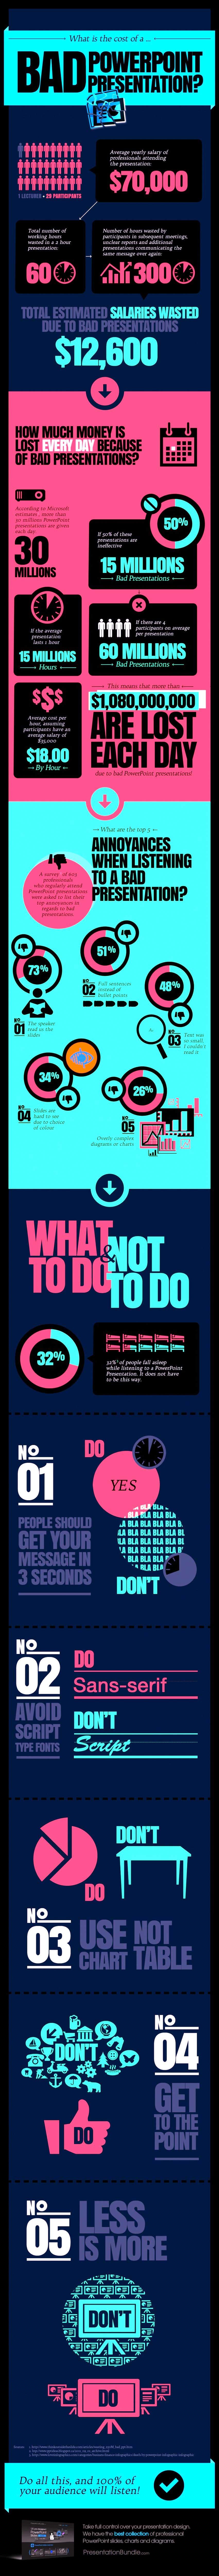 PowerPoint-Designer-Company